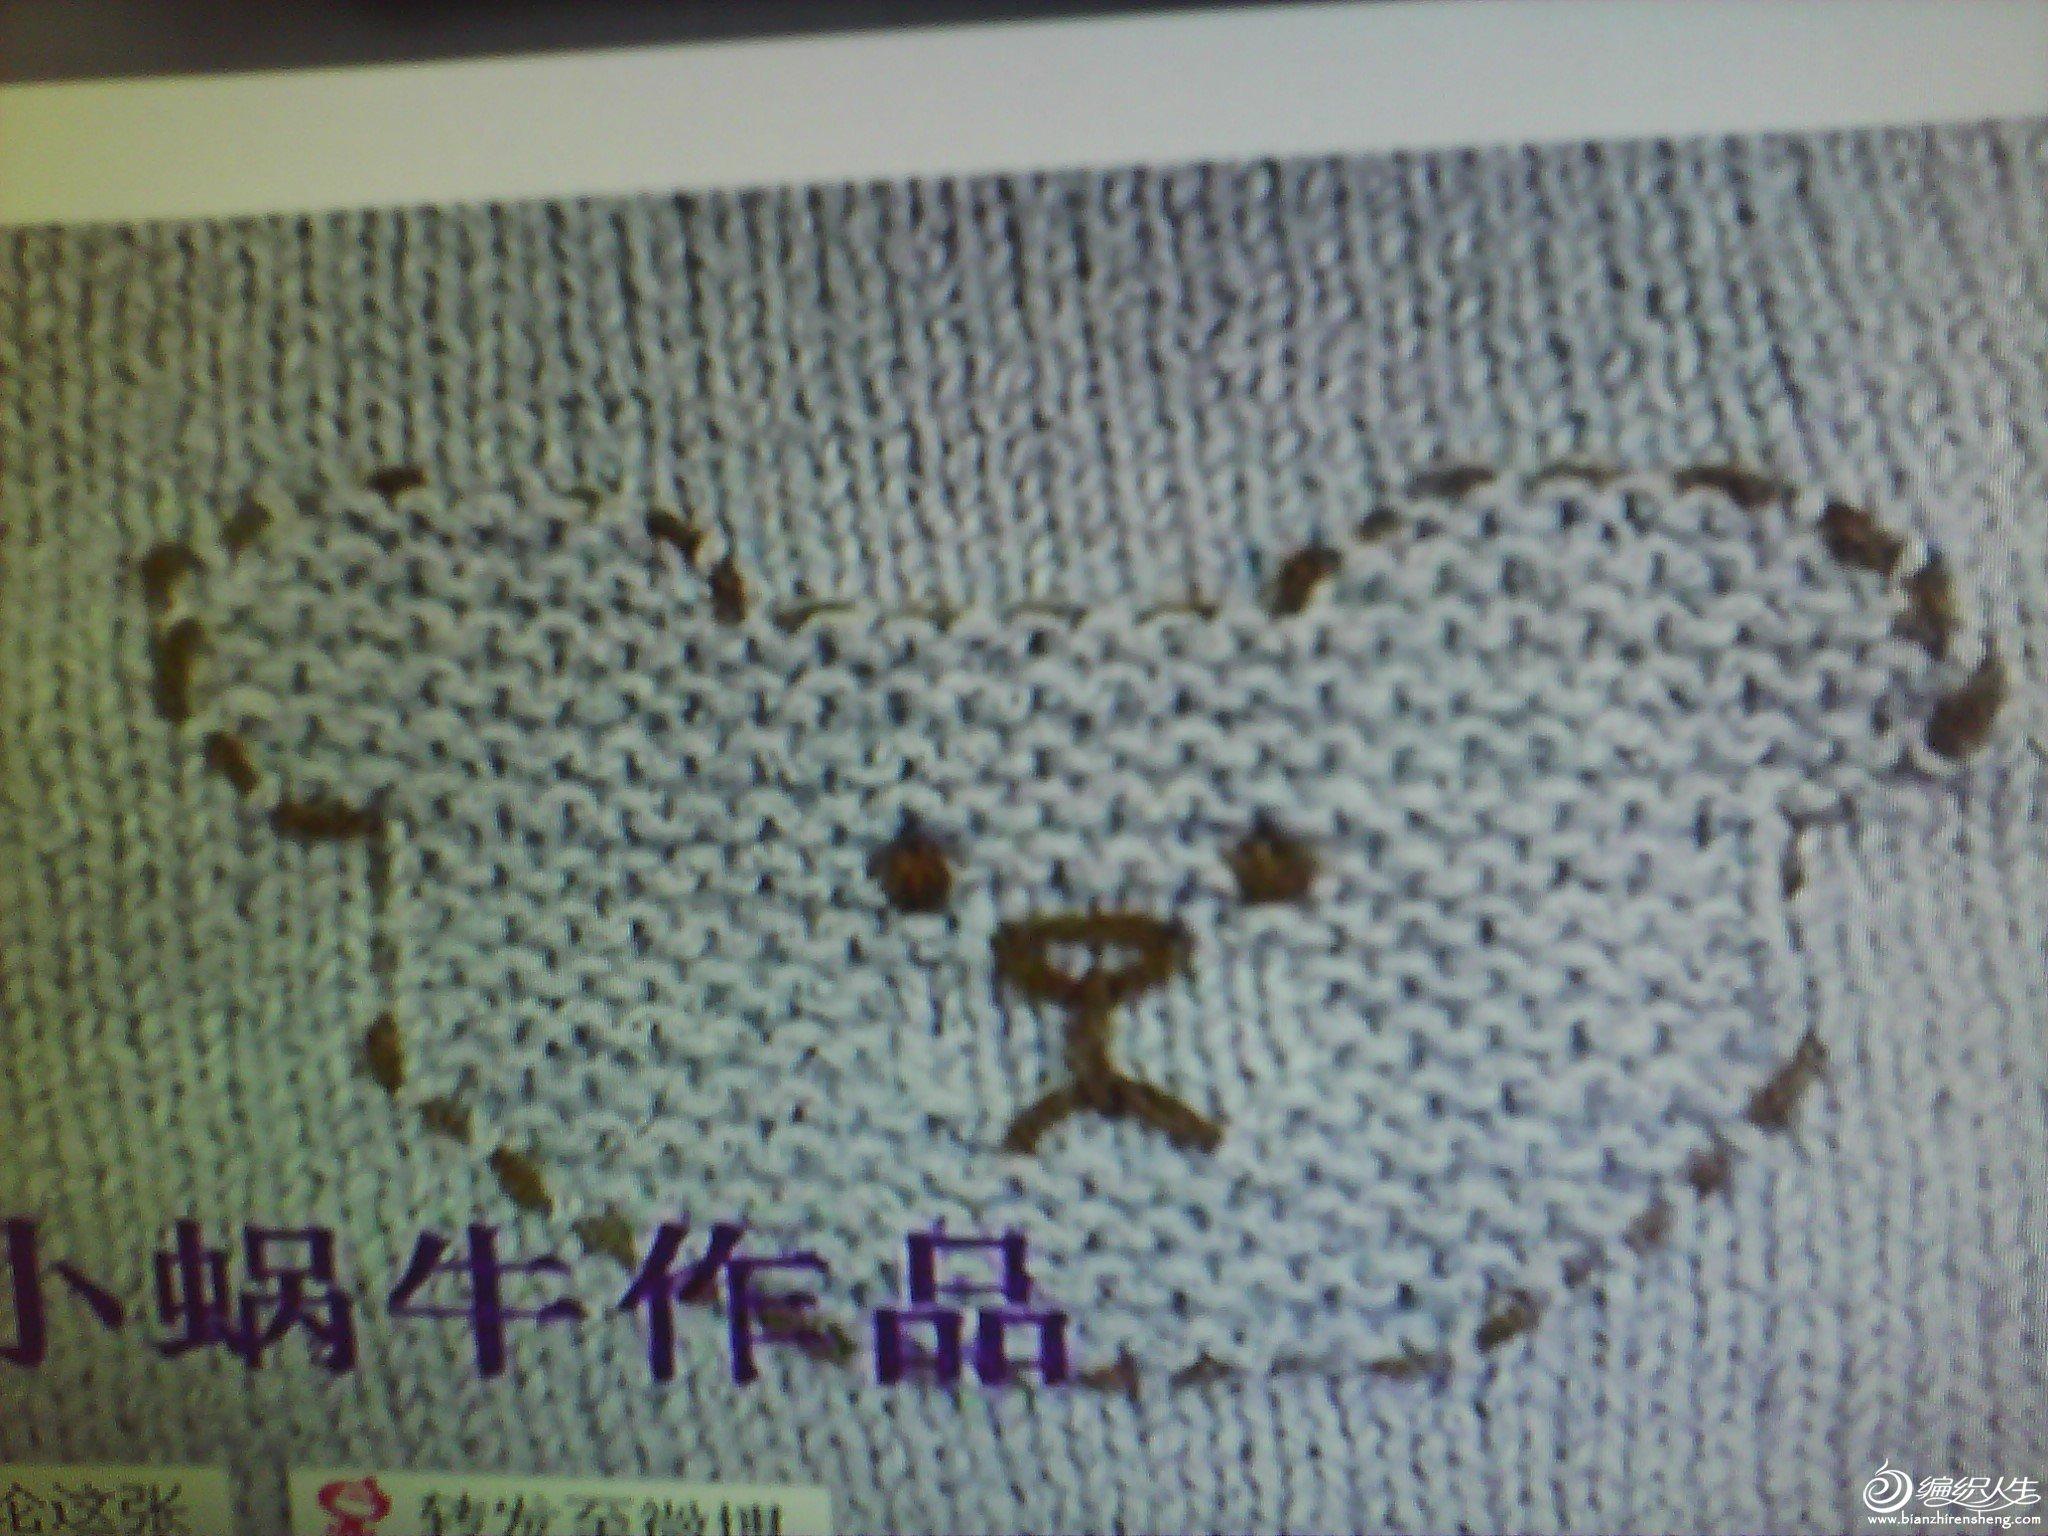 小熊的编织图